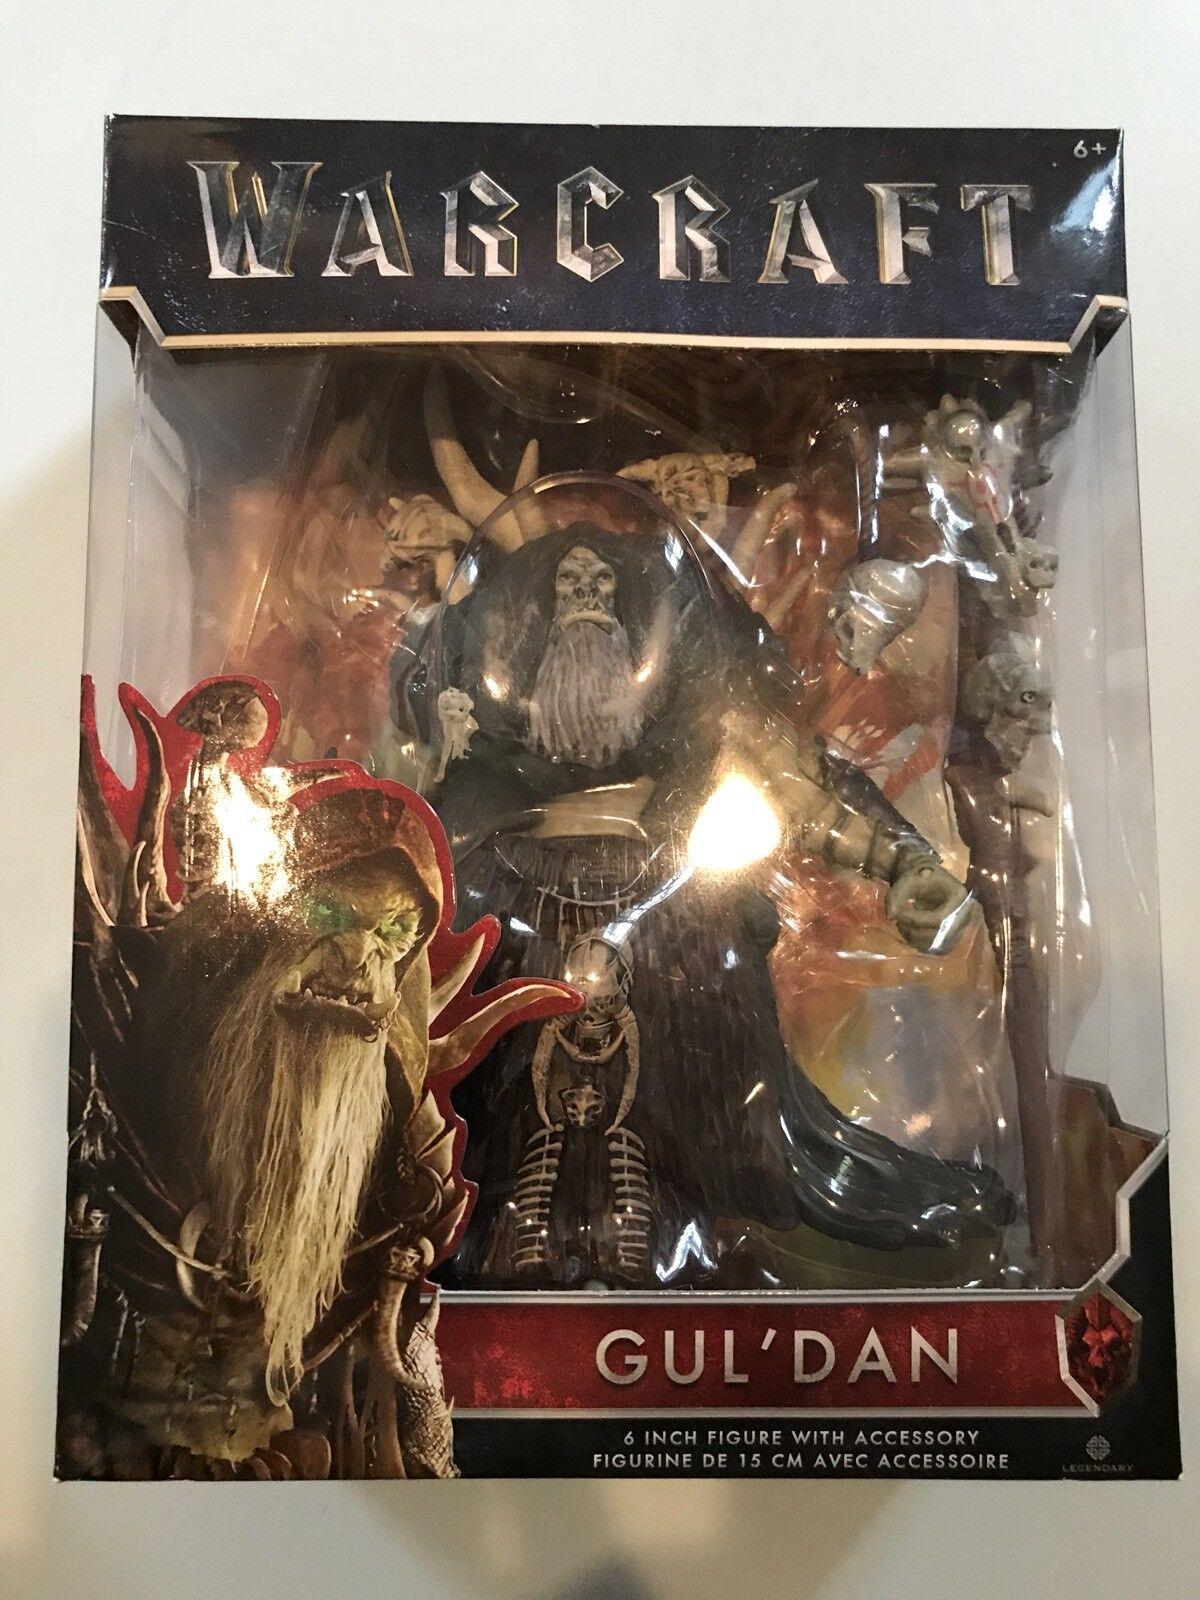 Warcraft gul 'dan 6  action - figur mit zubehör